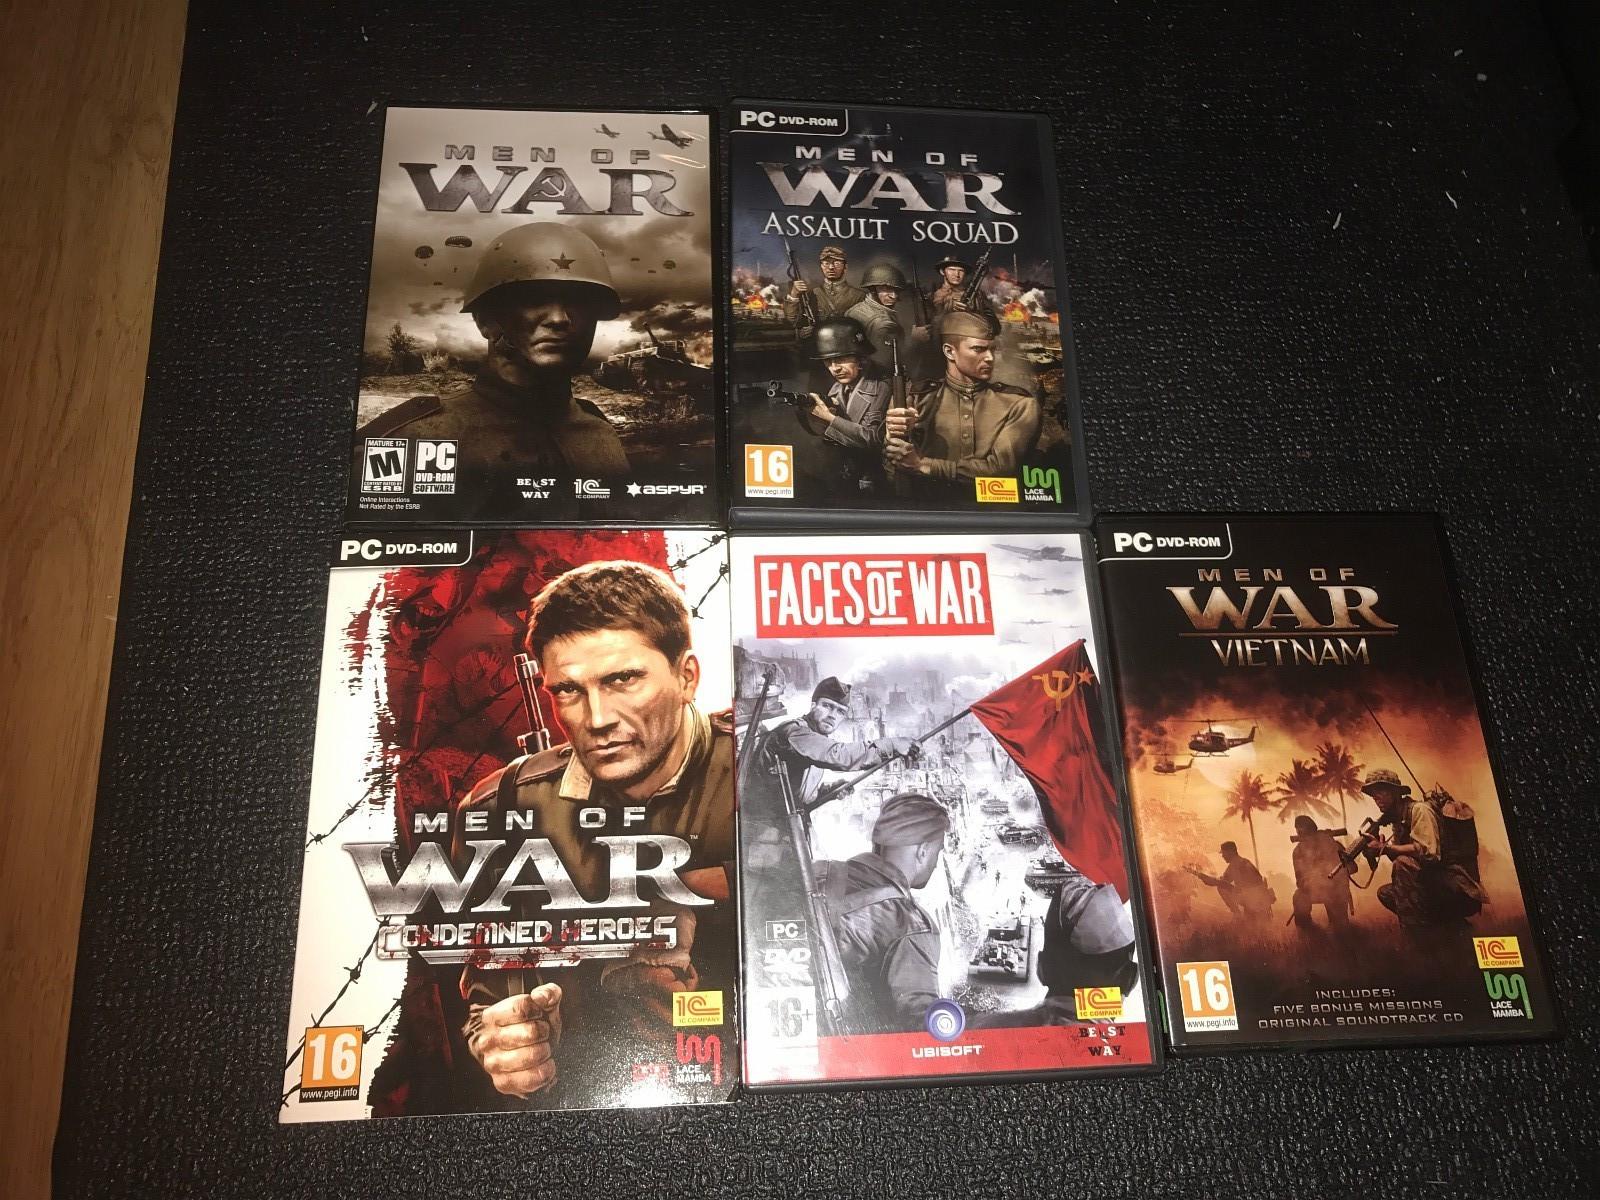 Men of War+Faces of war PC spill. - Klokkarstua  - Men of war-1,Vietnam,Assult squad,Condemd Heroes+Faces of war PC spill selges samlet i god stand.Kjøper betaler frakt. - Klokkarstua